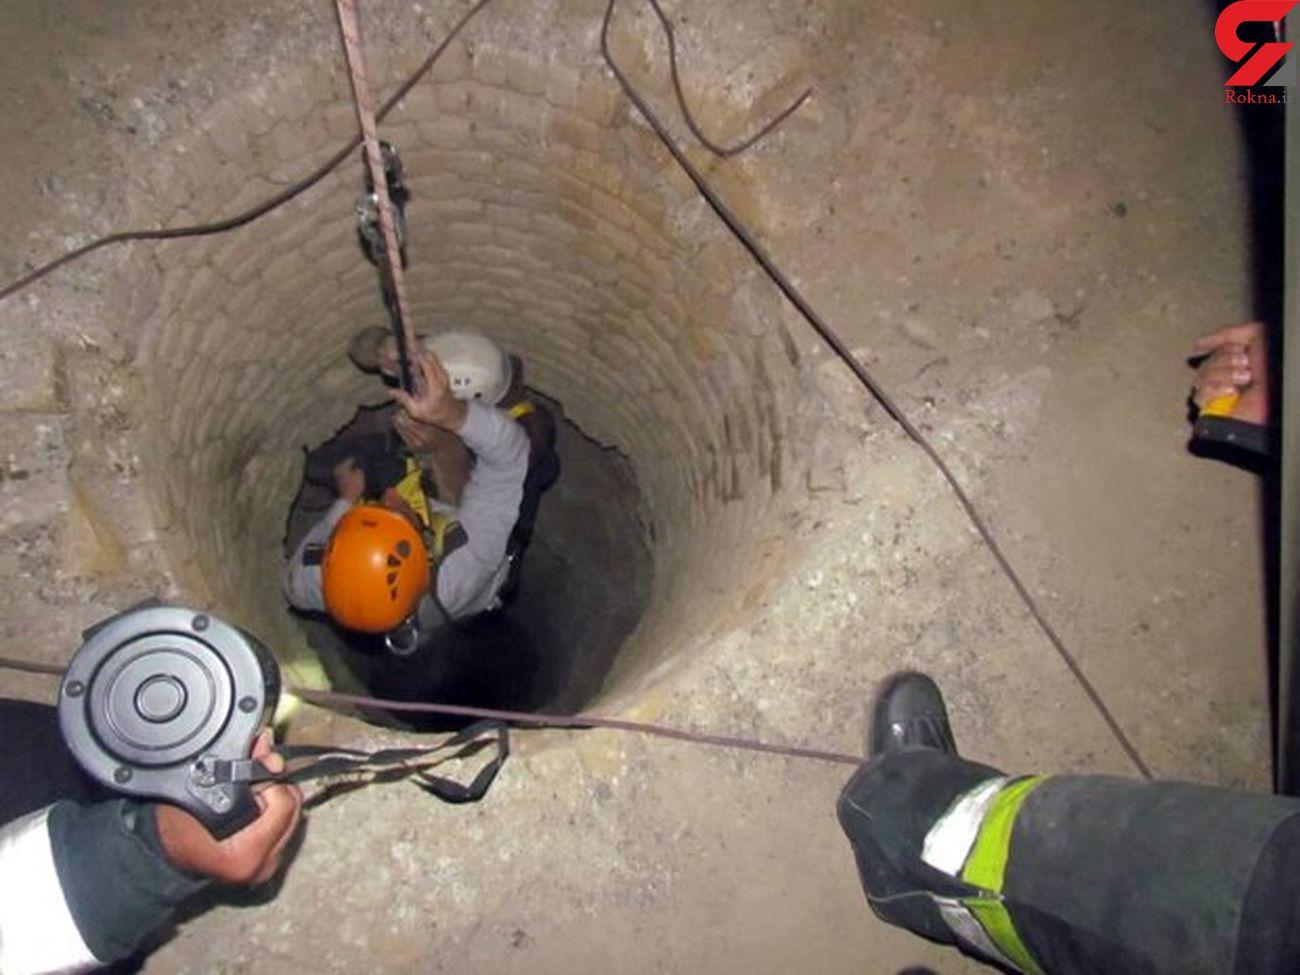 سقوط جوان اصفهانی در چاه 35 متری + عکس ها